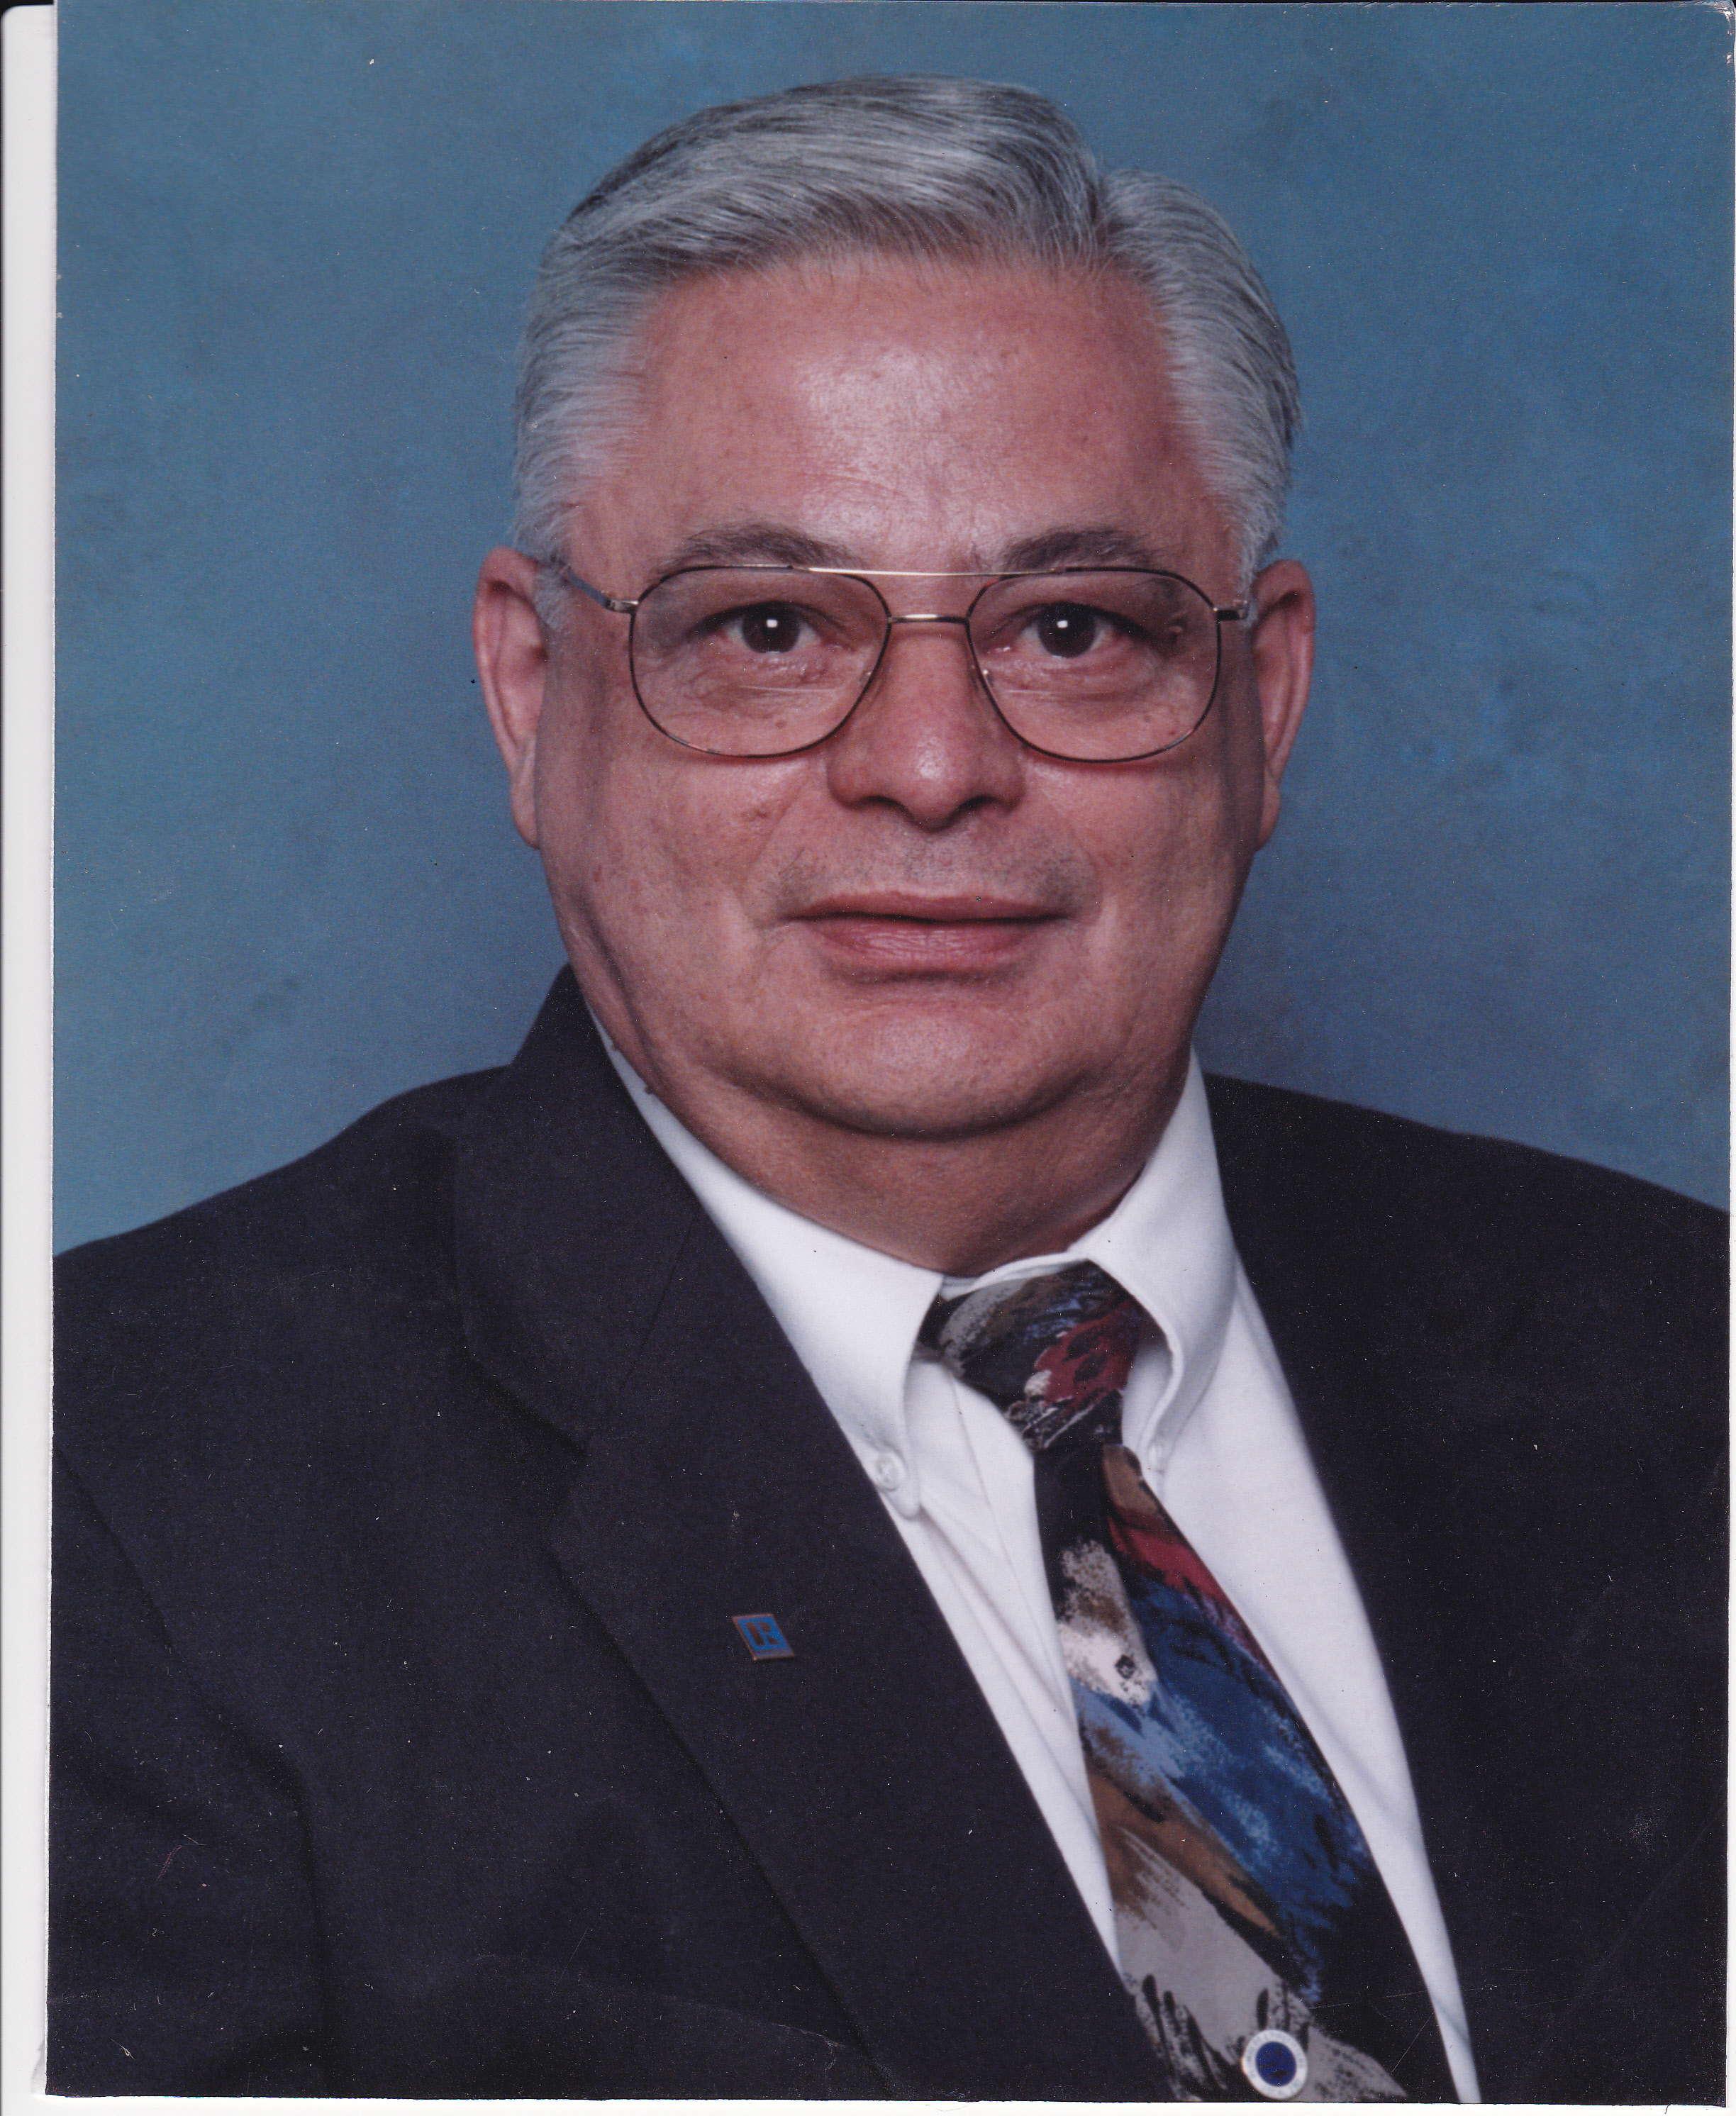 Obituary: Donald Ciaffone